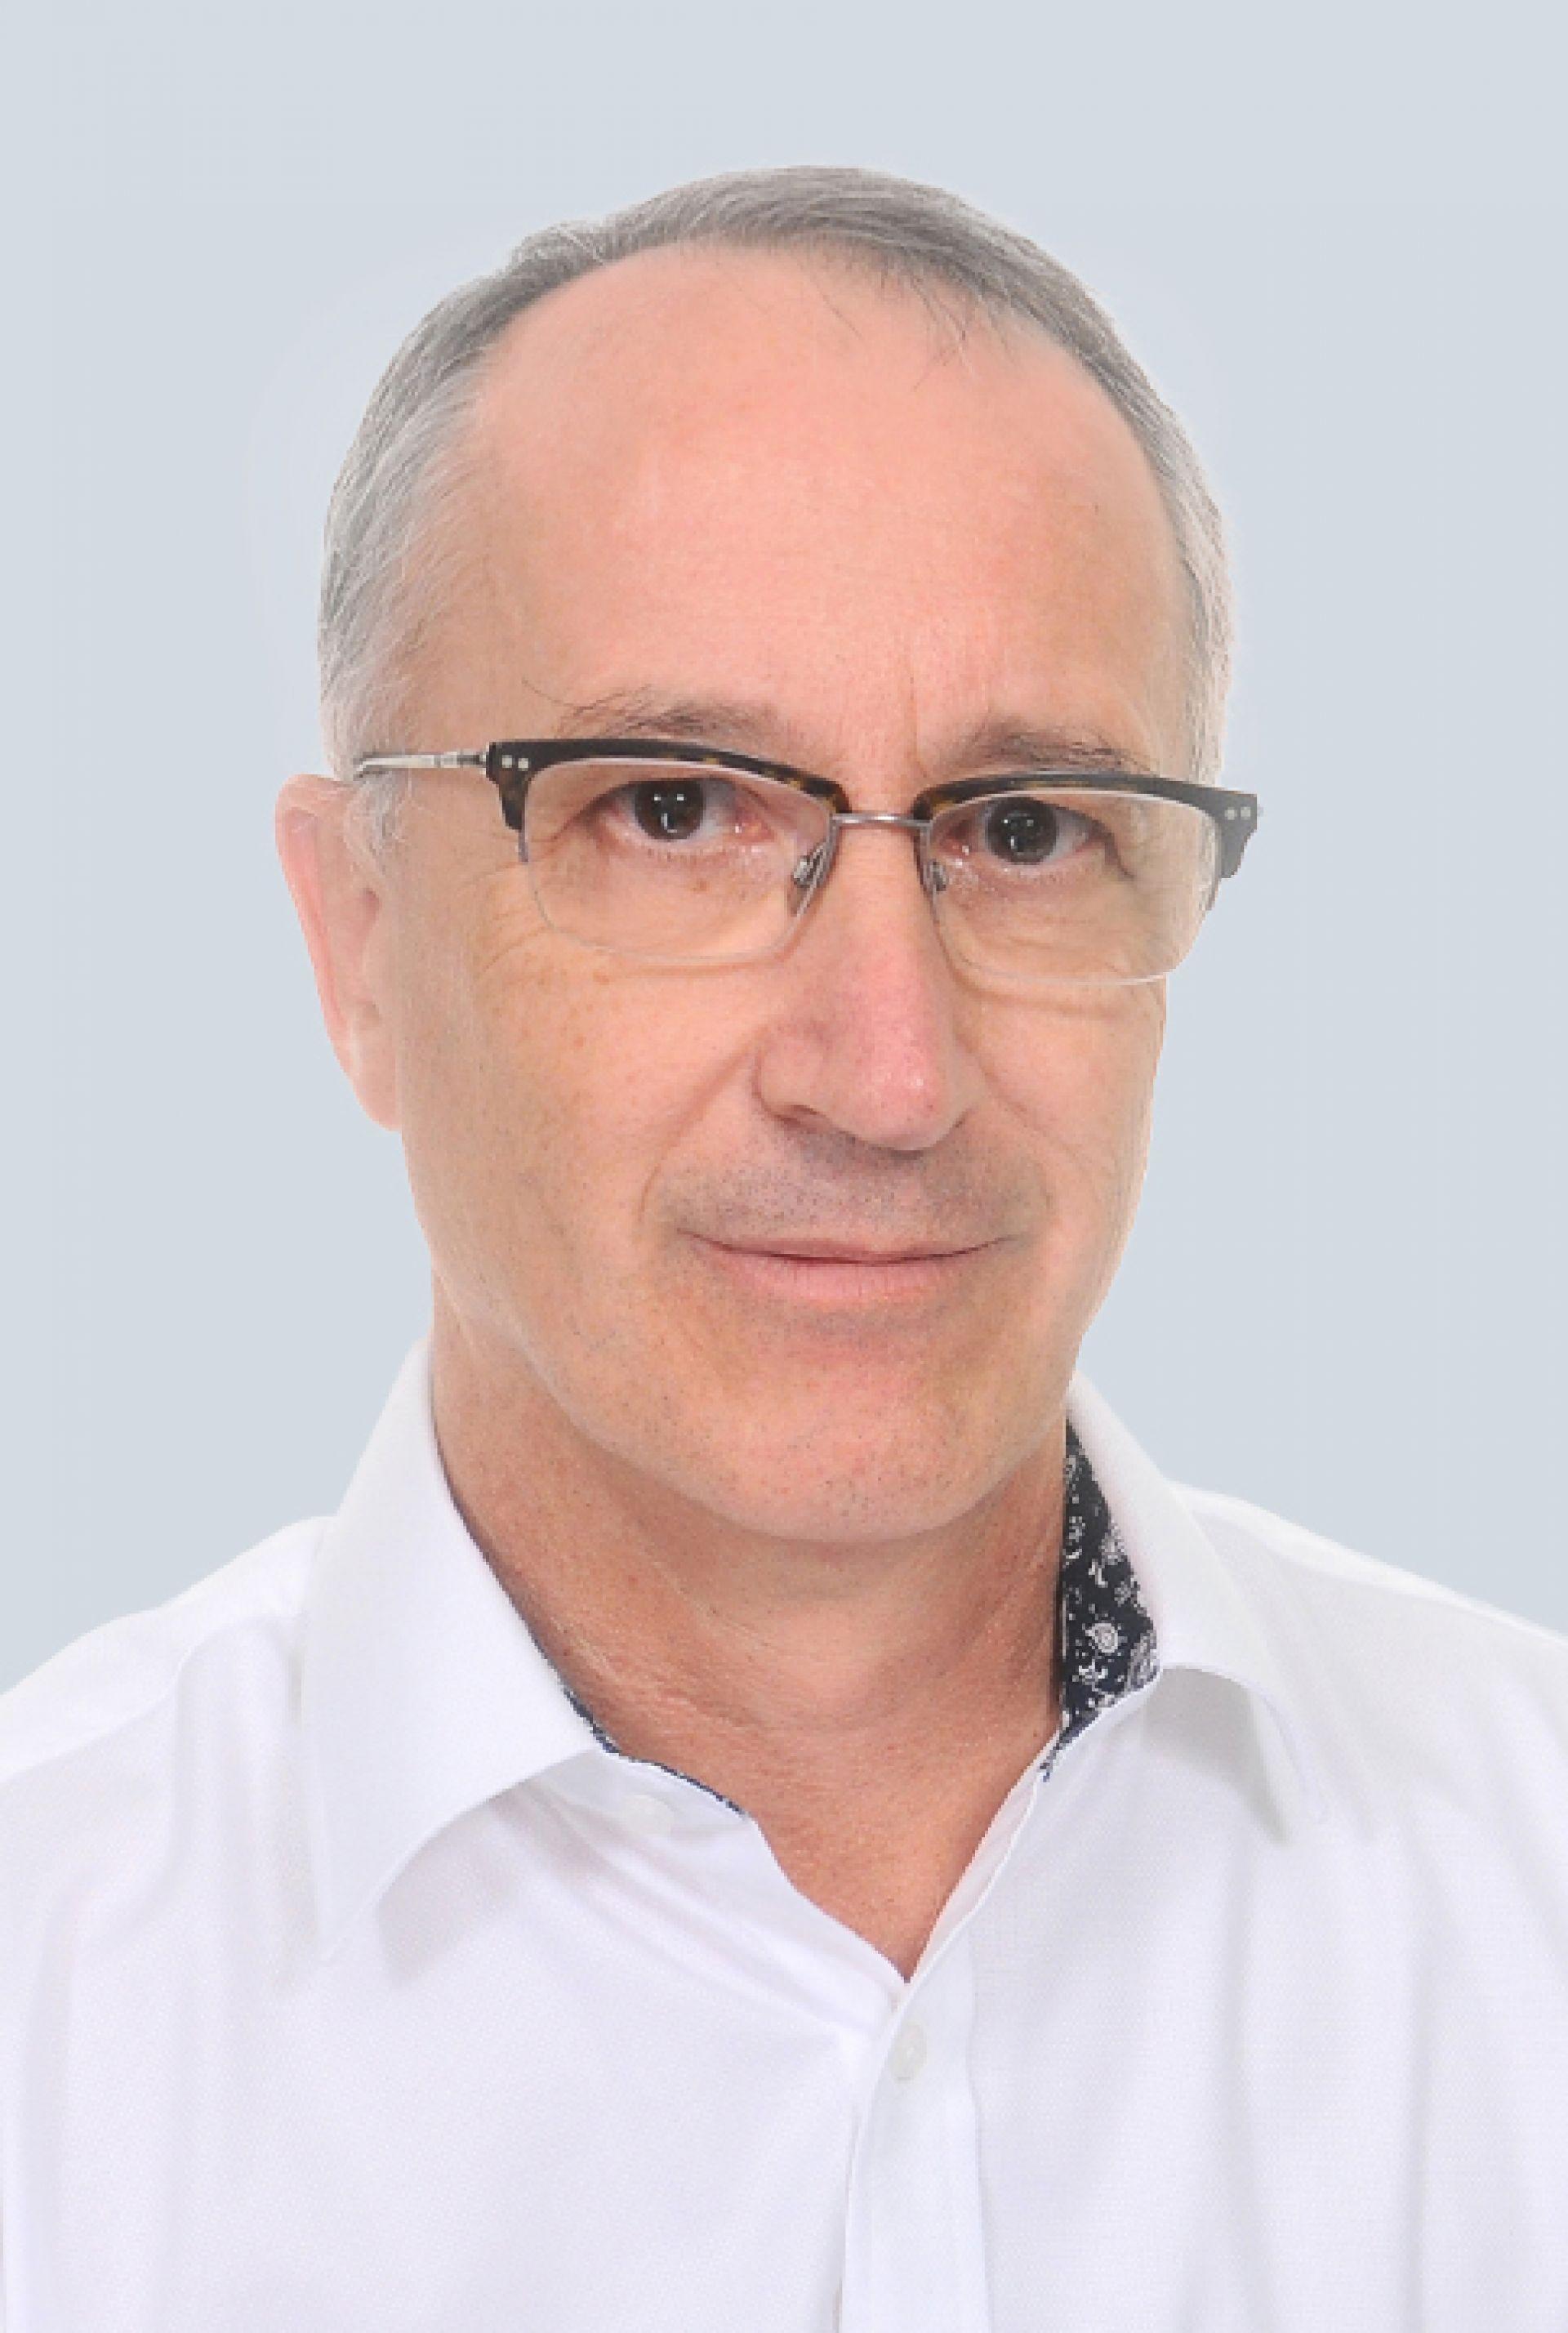 Mr Jean-Noel Quillet